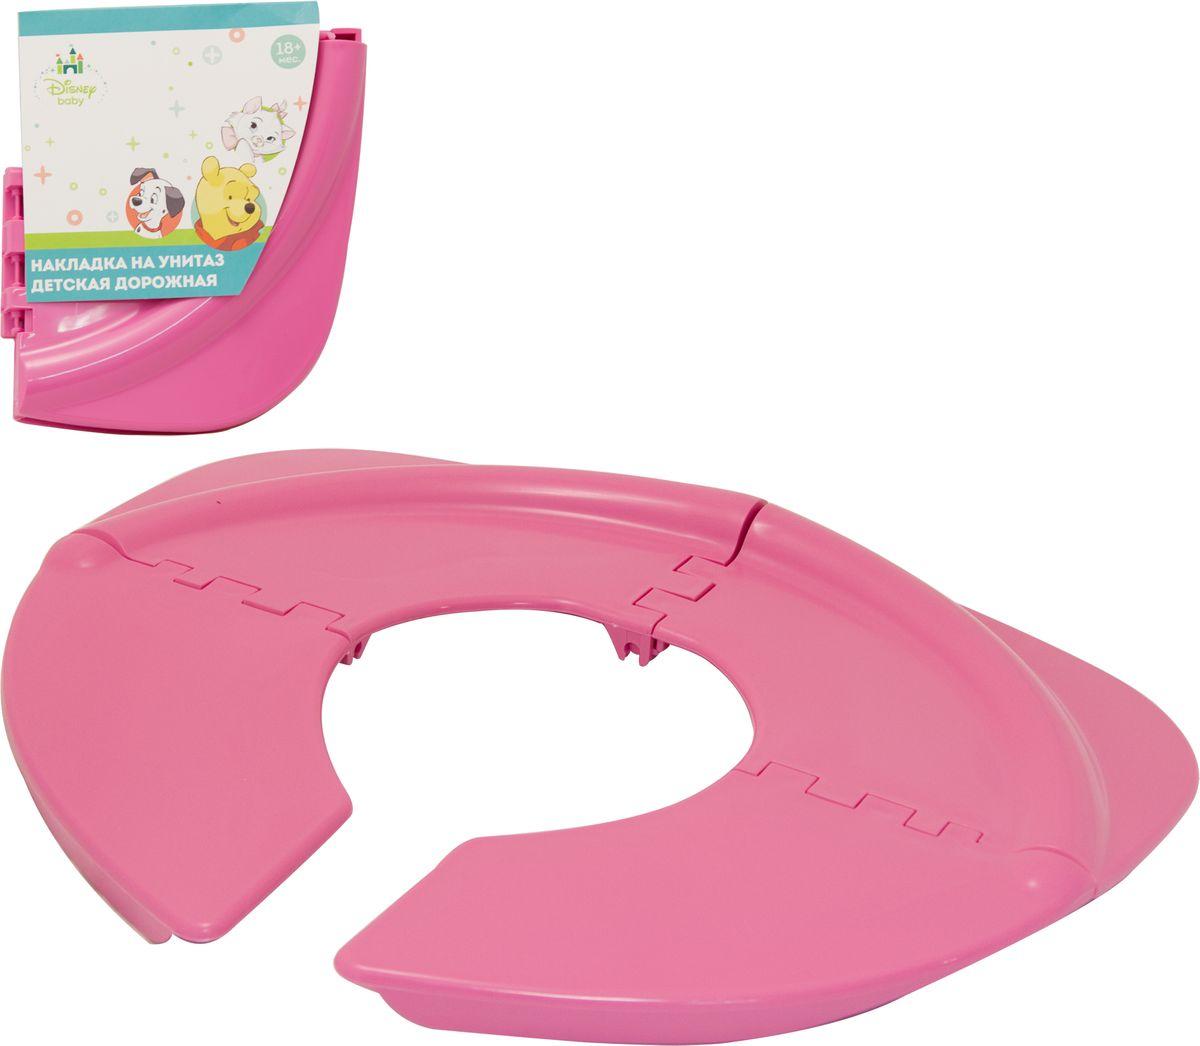 Disney Накладка на унитаз складная цвет коралловыйМ 2580-ДСкладная накладка на унитаз Disney сделает процесс приучения ребенка к взрослому унитазу быстрым и комфортным. Накладка имеет эргономичный дизайн, а складная конструкция обеспечивает компактное хранение и позволяет брать такую накладку с собой в дорогу. Накладка выполнена из прочного безопасного пластика яркого цвета, она легко моется и не впитывает неприятные запахи.